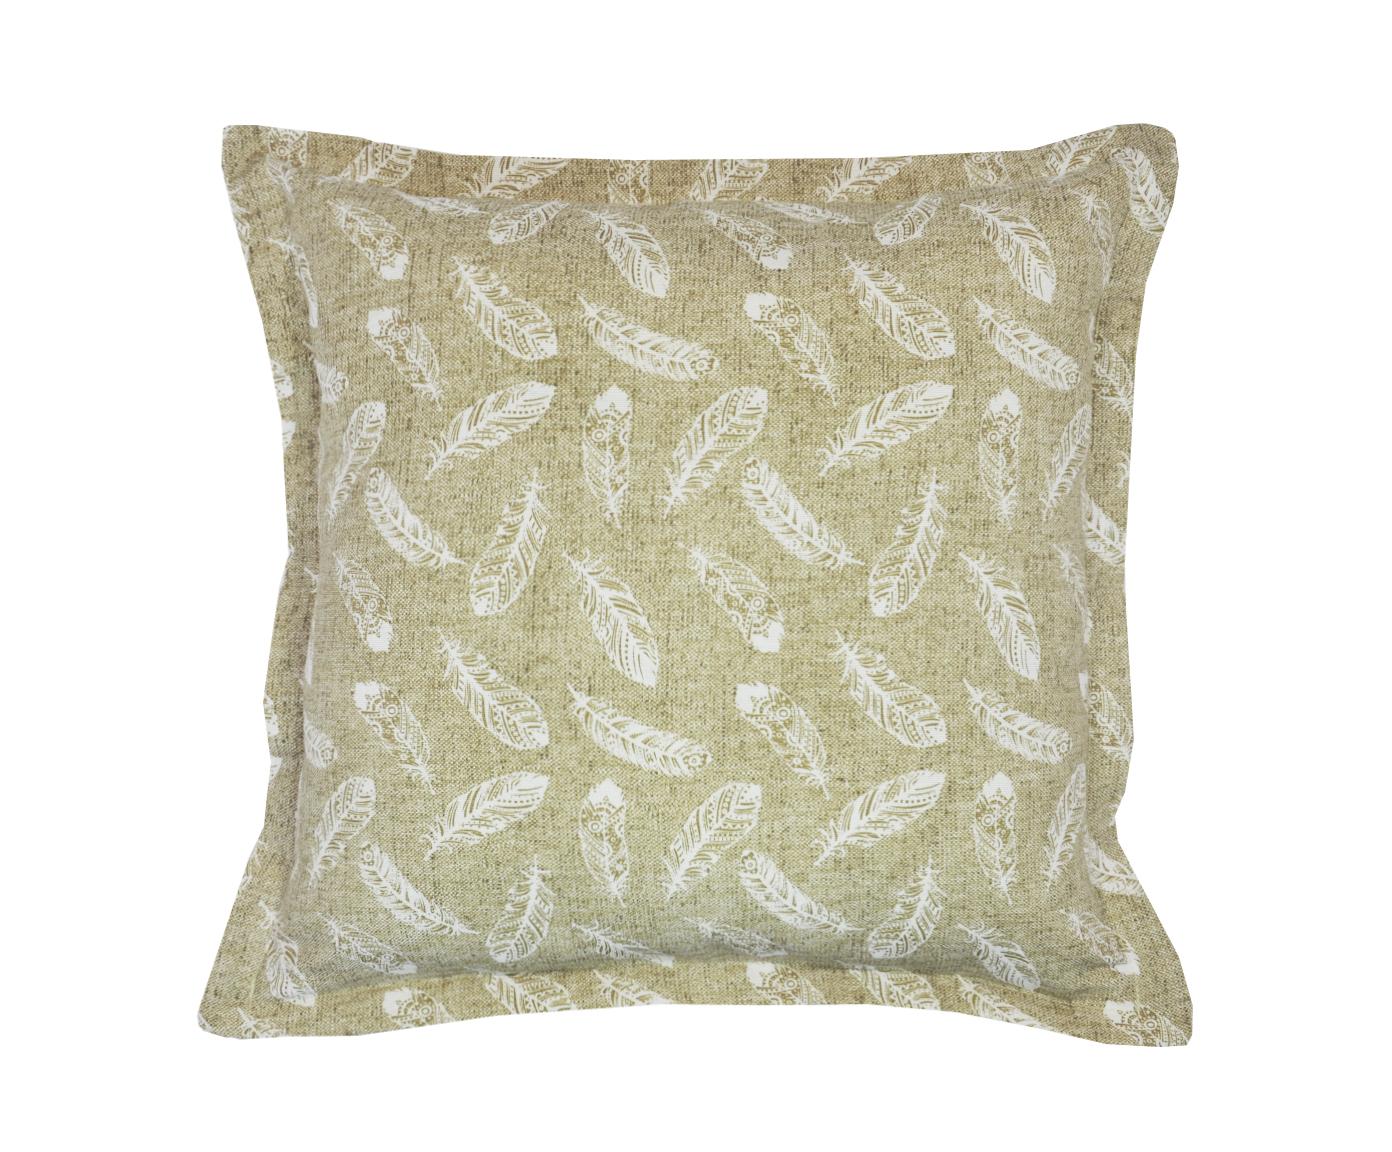 Подушка Angel LinoКвадратные подушки и наволочки<br>Декоративная  подушка .Чехол съемный.<br><br>Material: Хлопок<br>Length см: None<br>Width см: 45<br>Depth см: 15<br>Height см: 45